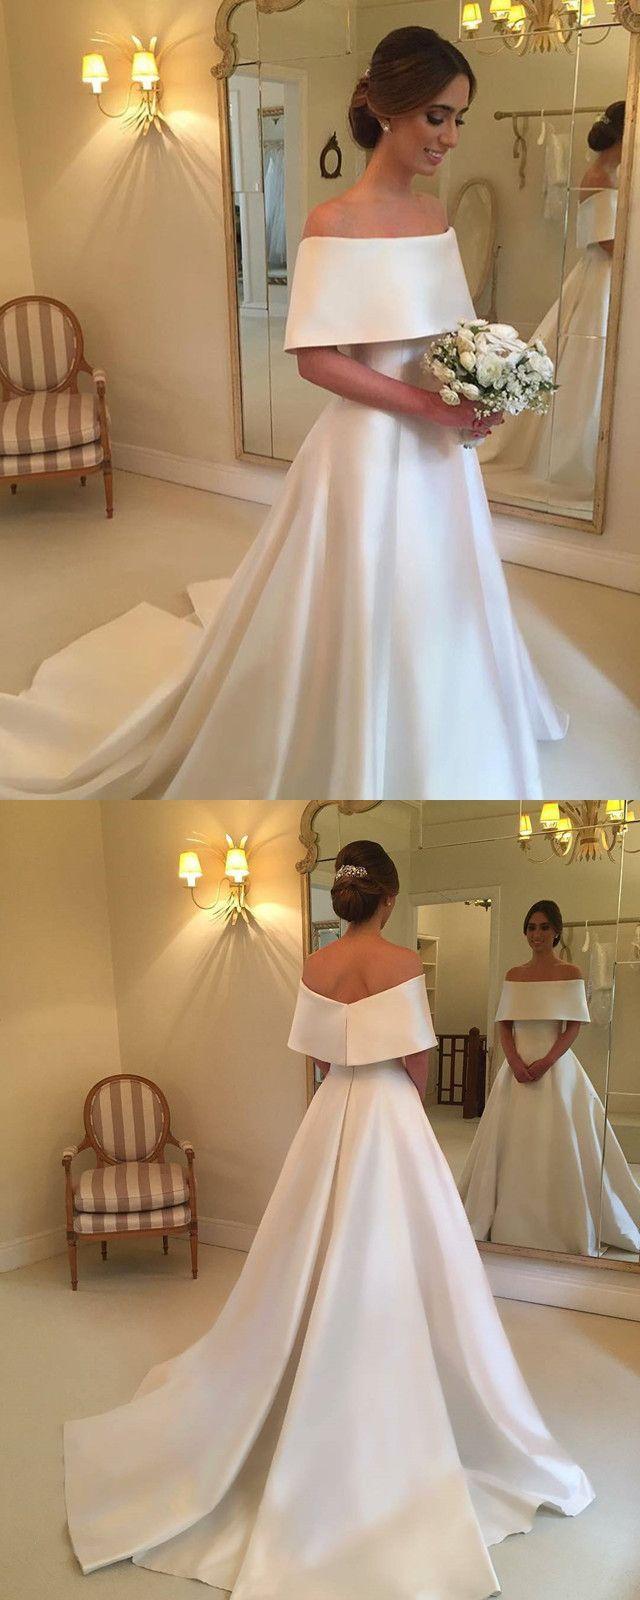 Vintage Satin Off-the-shoulder Wedding Dresses 2018 New Arrival Bridal Gowns